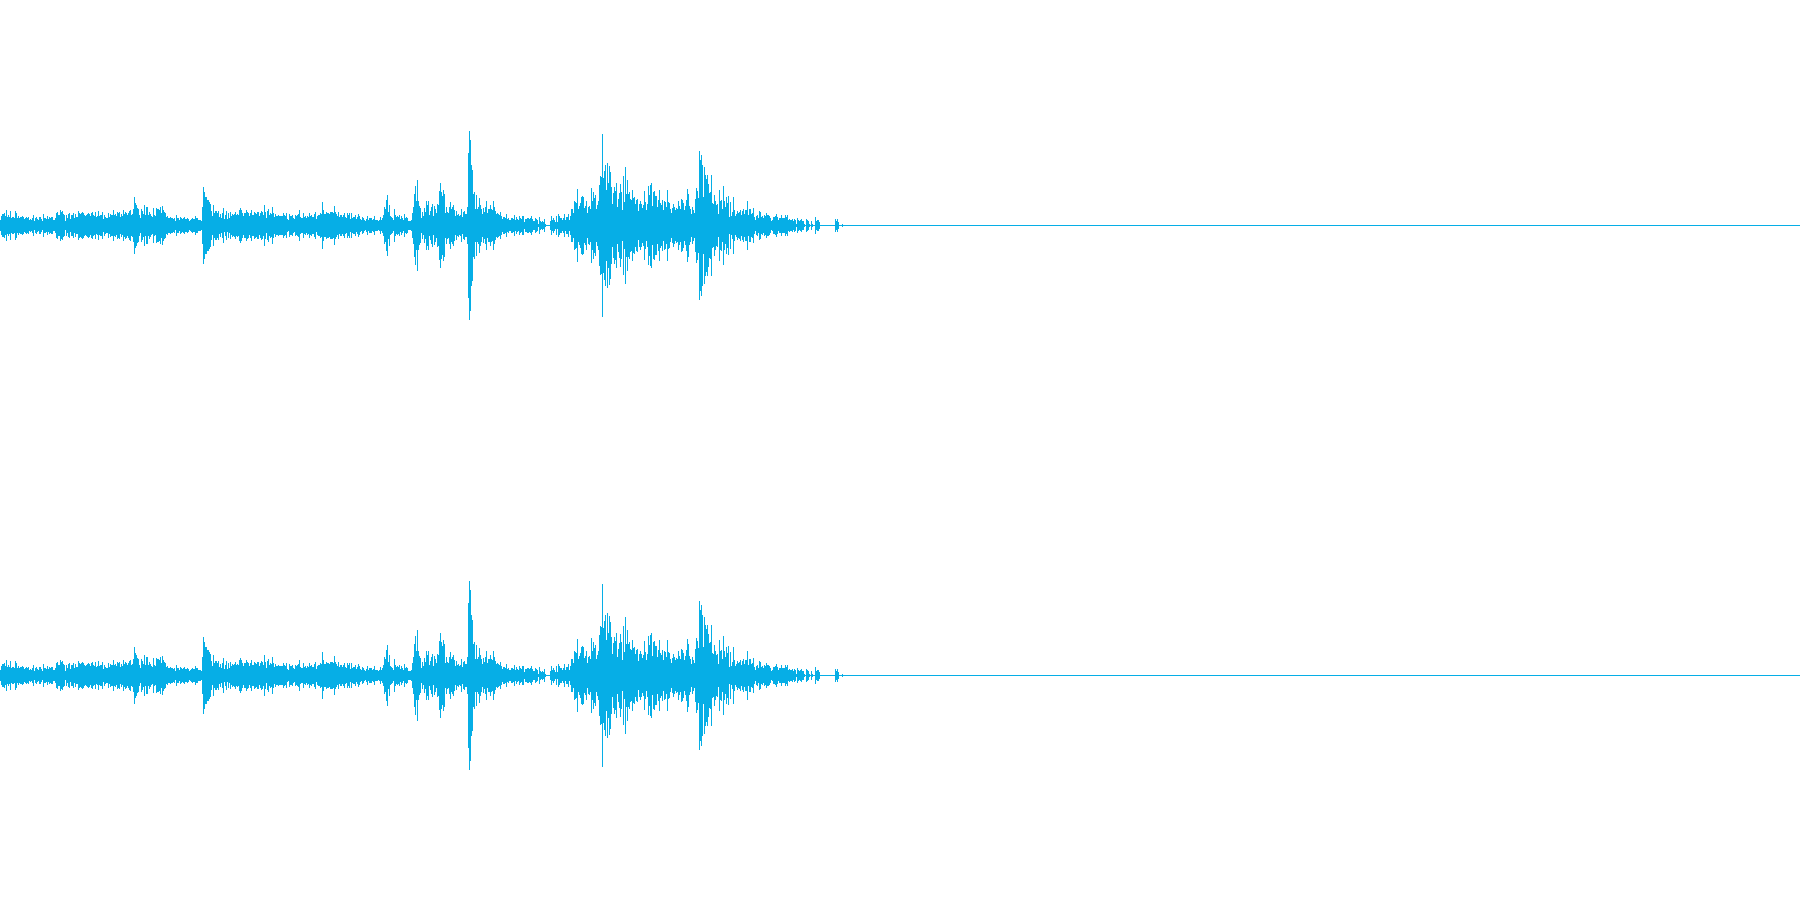 本のページをめくる音 2の再生済みの波形